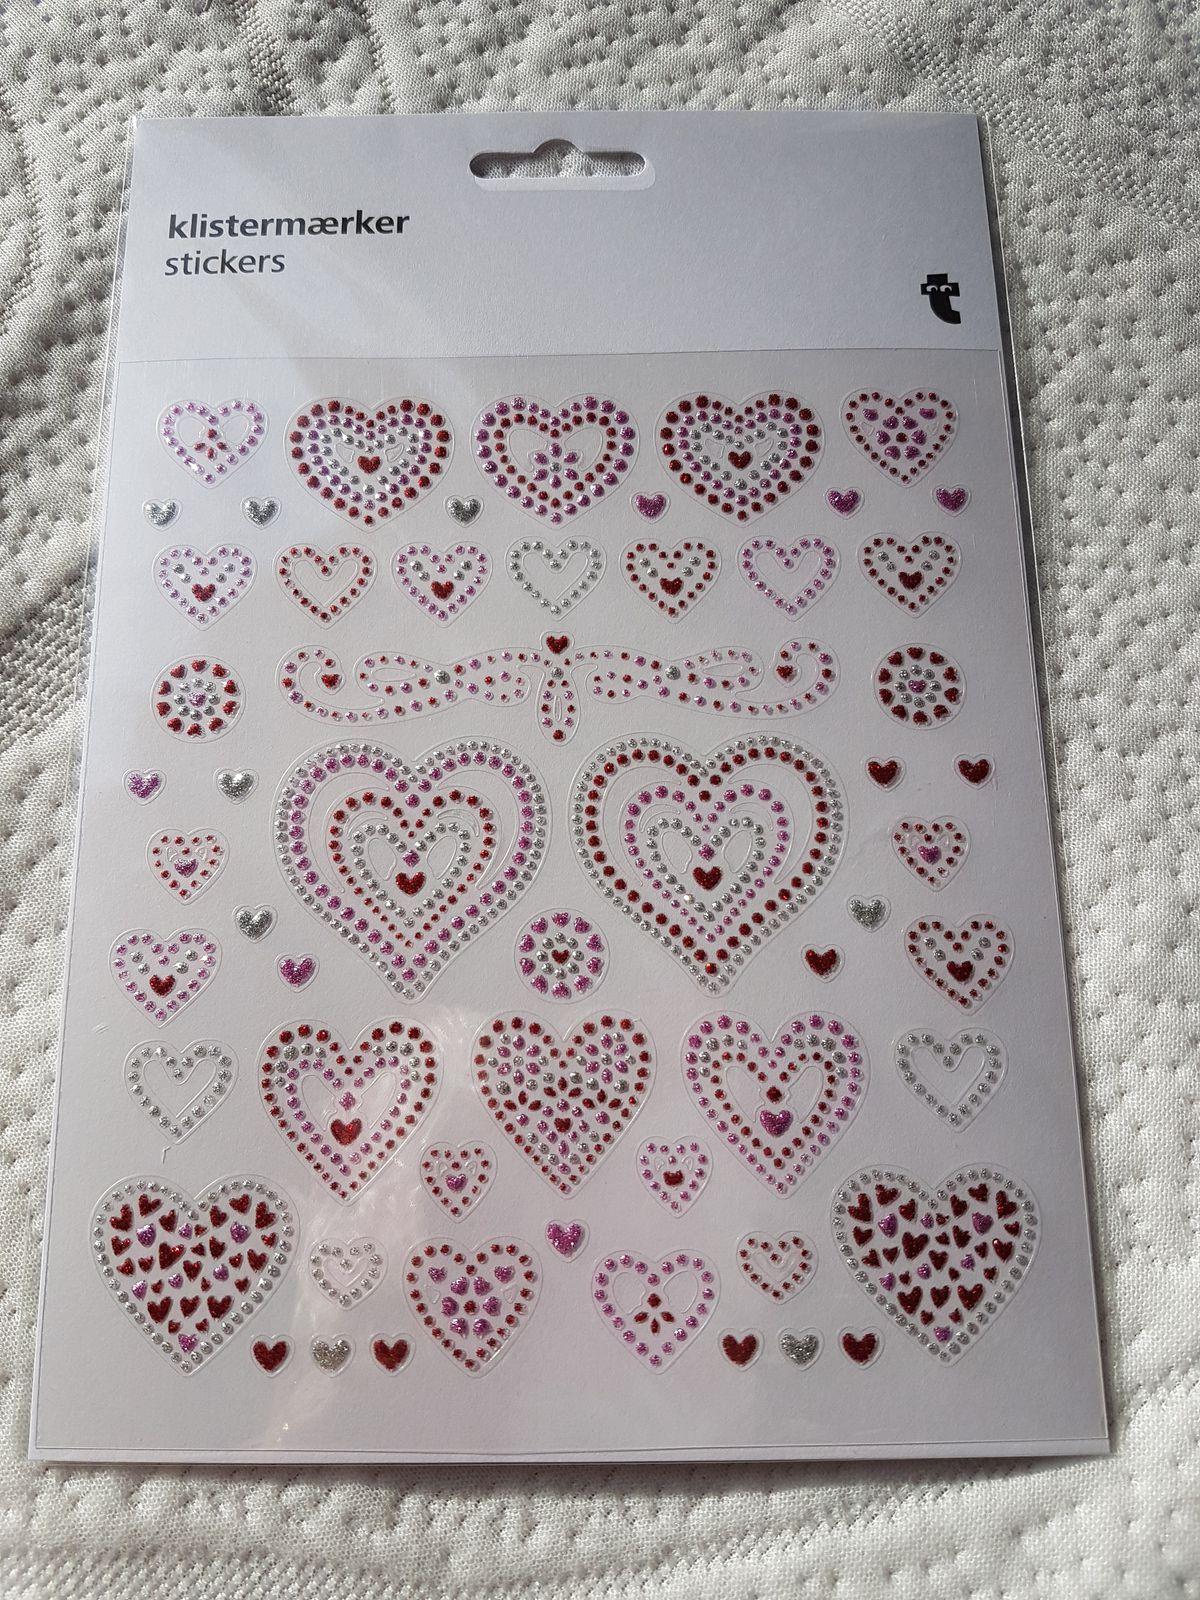 """Echange n°04 """"1 planche de stickers"""" - envoi/réception n°05/06/07"""